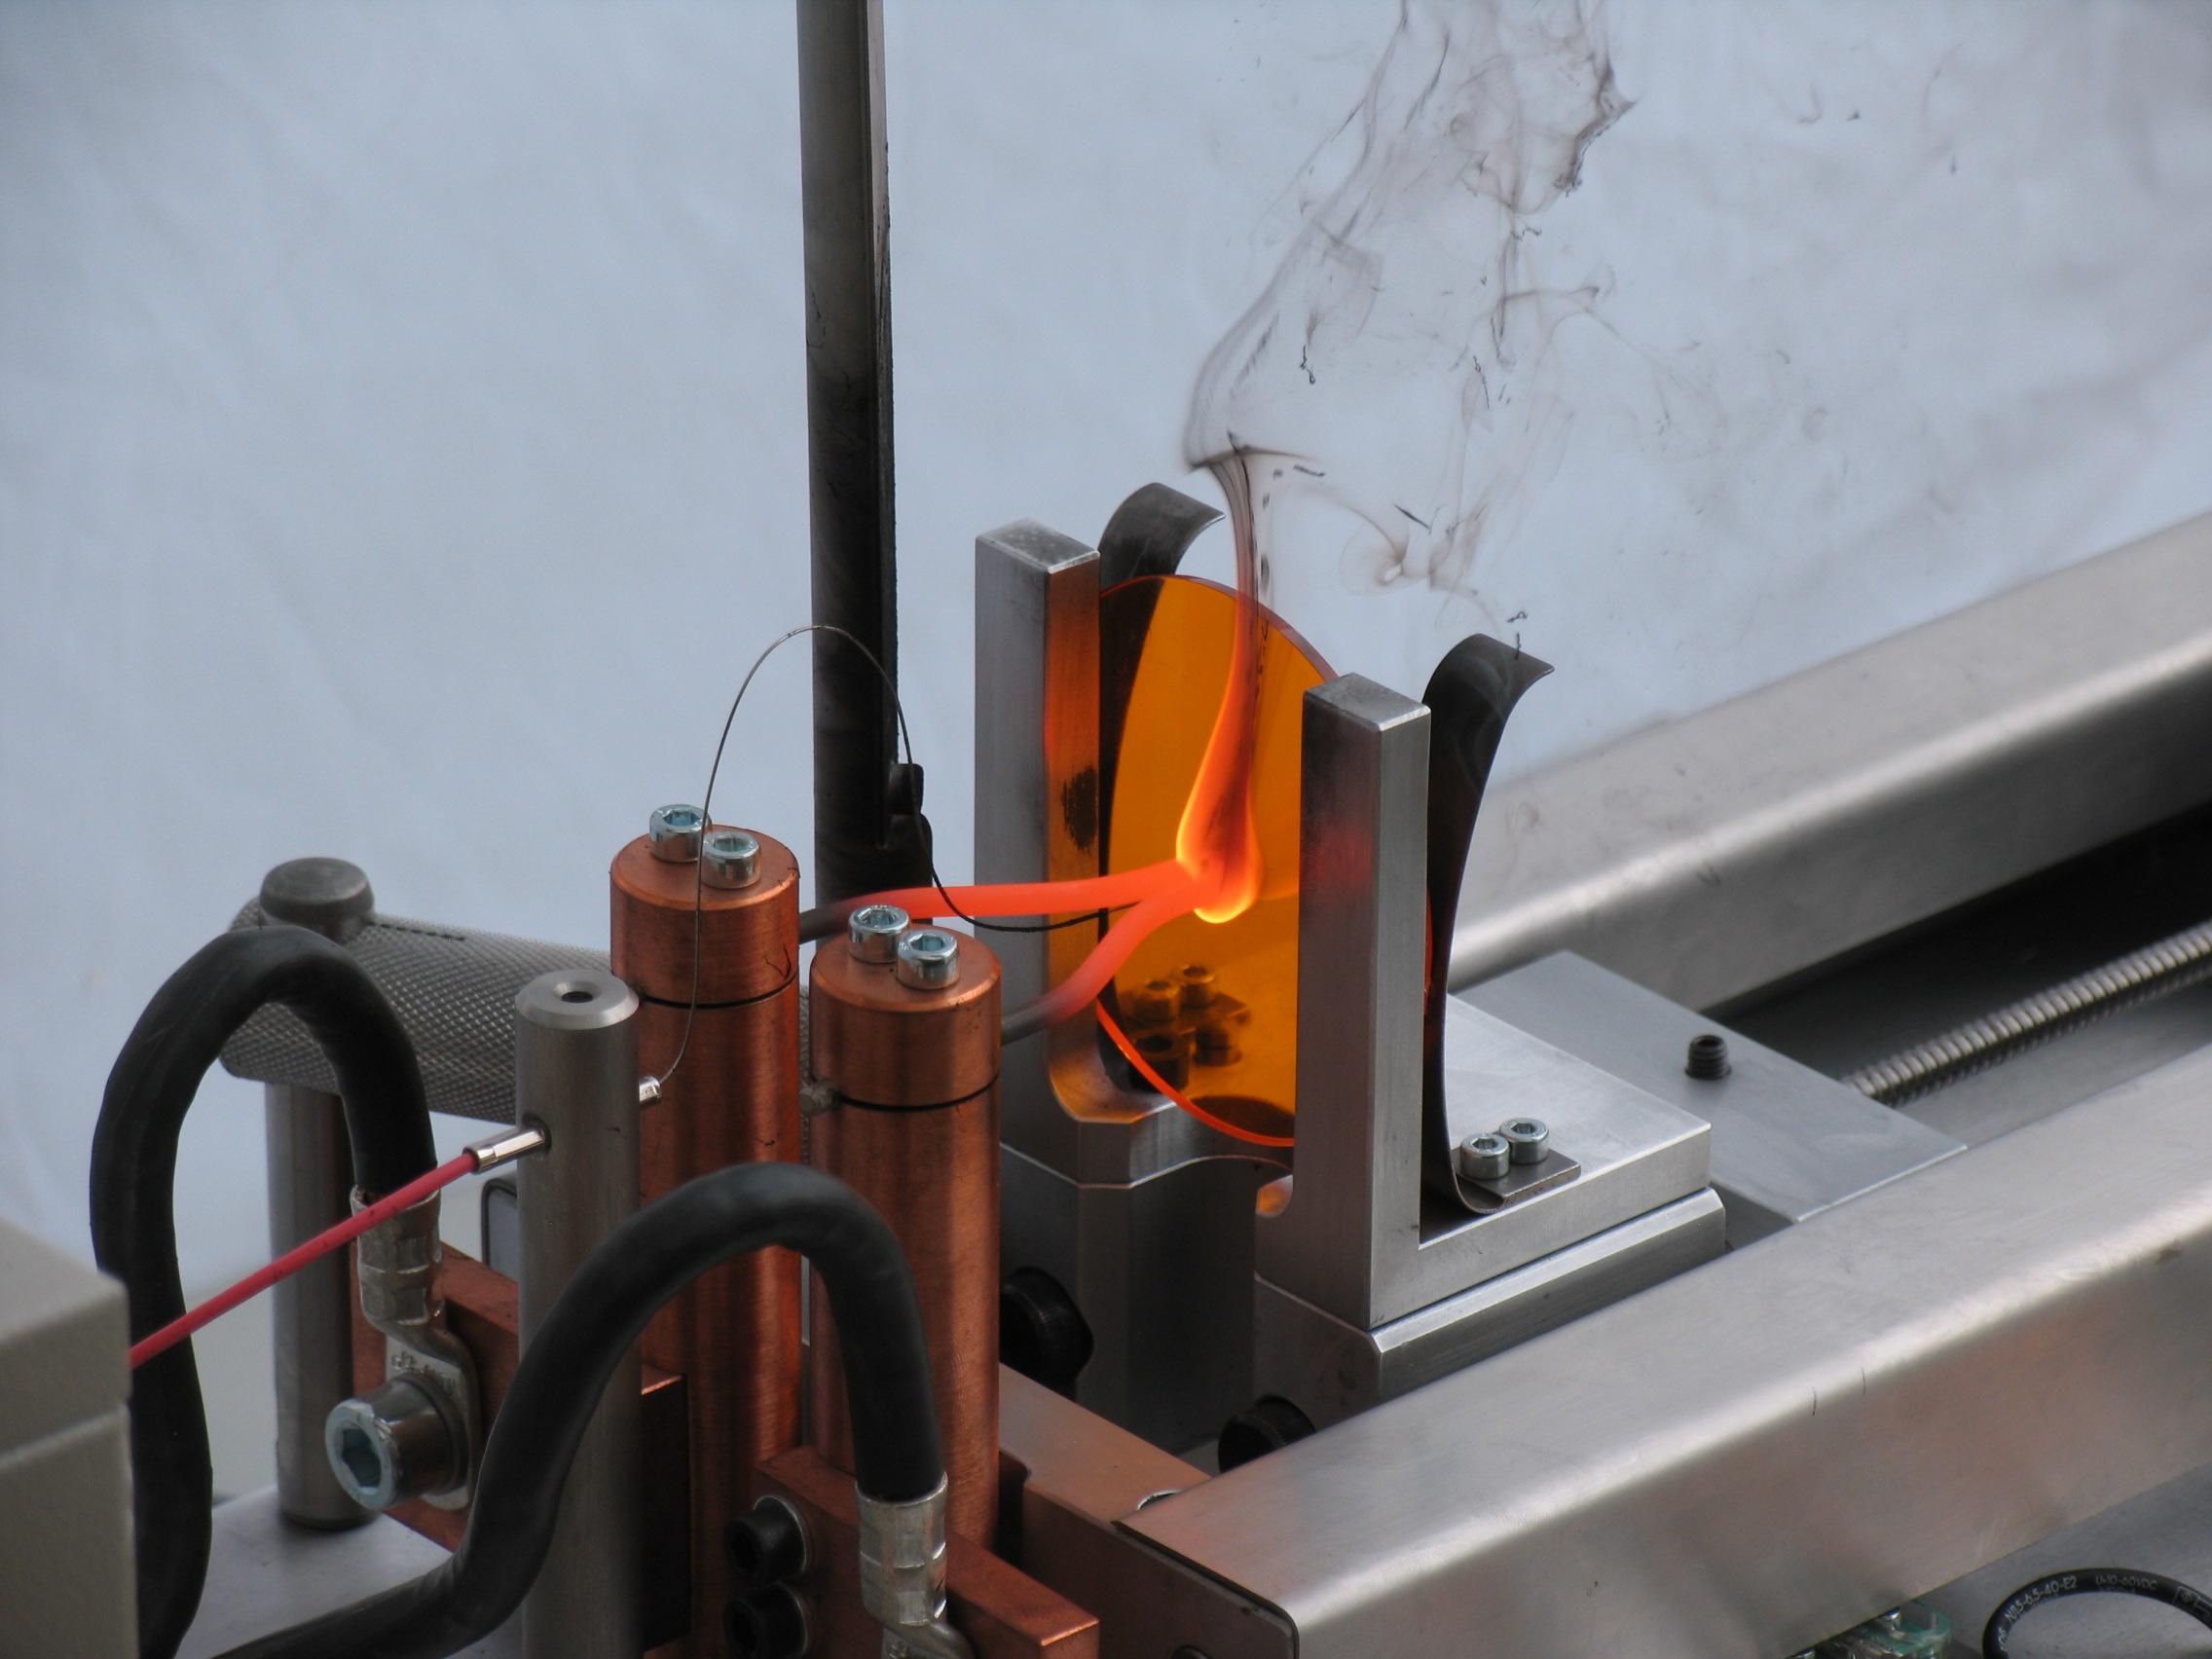 Zwick: Glühdraht-Prüfung: Prüfung des Flammverhaltens von ...